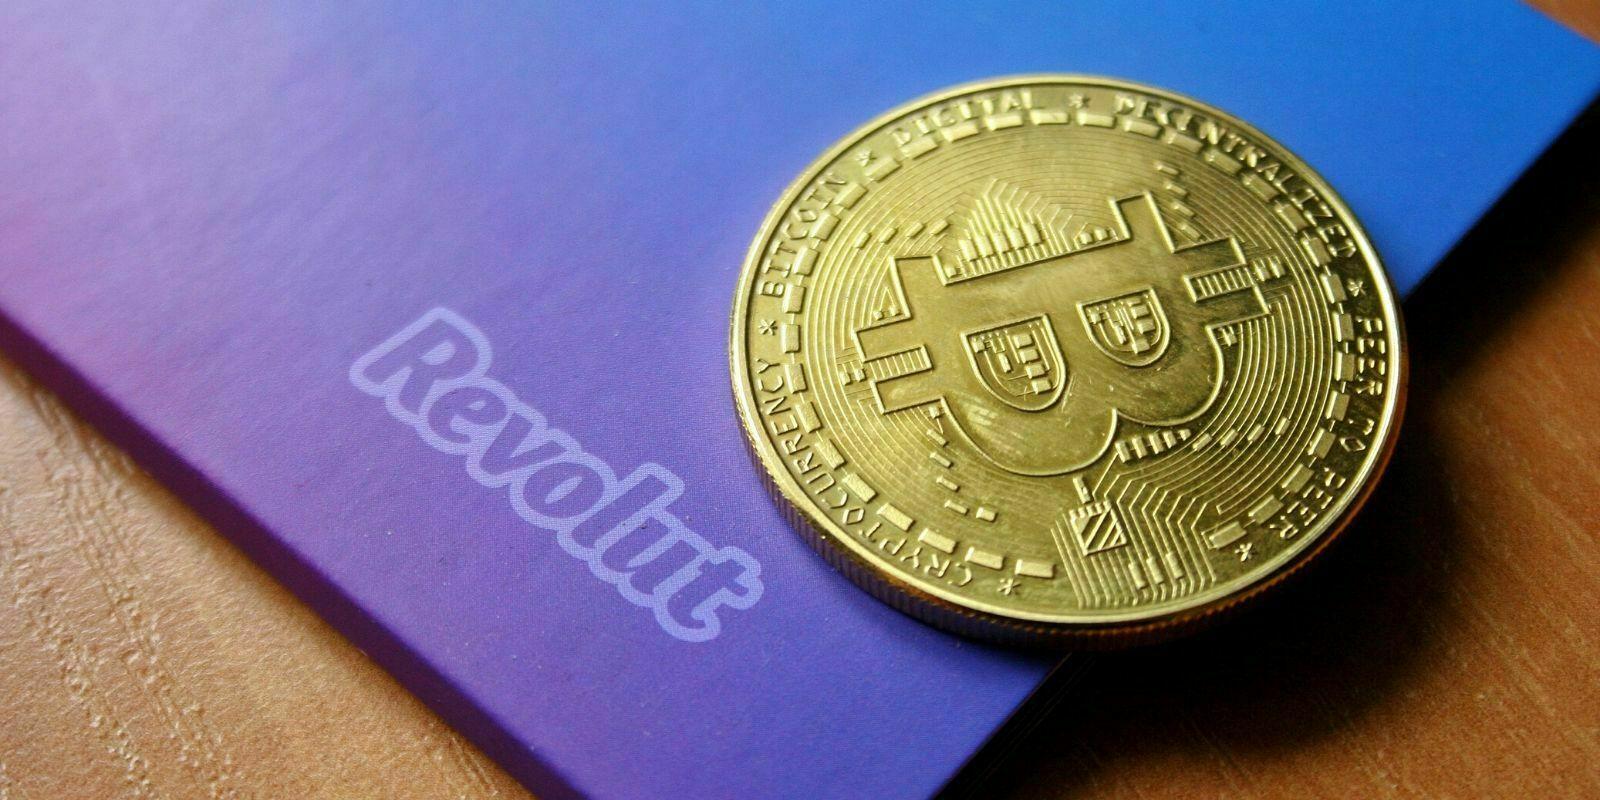 Revolut : les fonctionnalités cryptos accessibles pour les comptes Standard